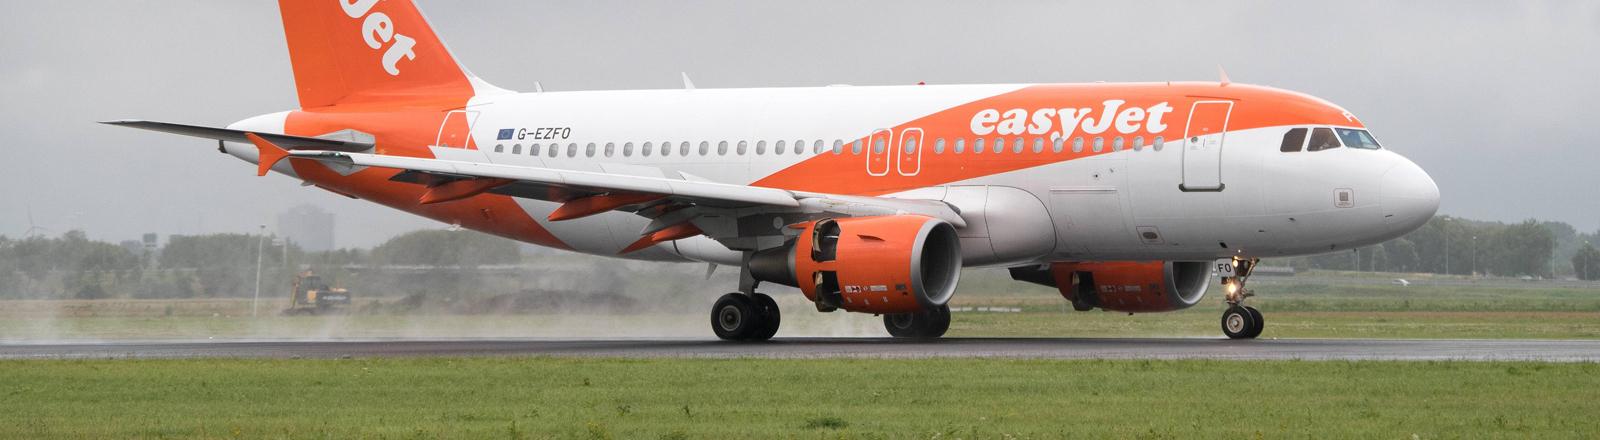 Easyjet-Flieger